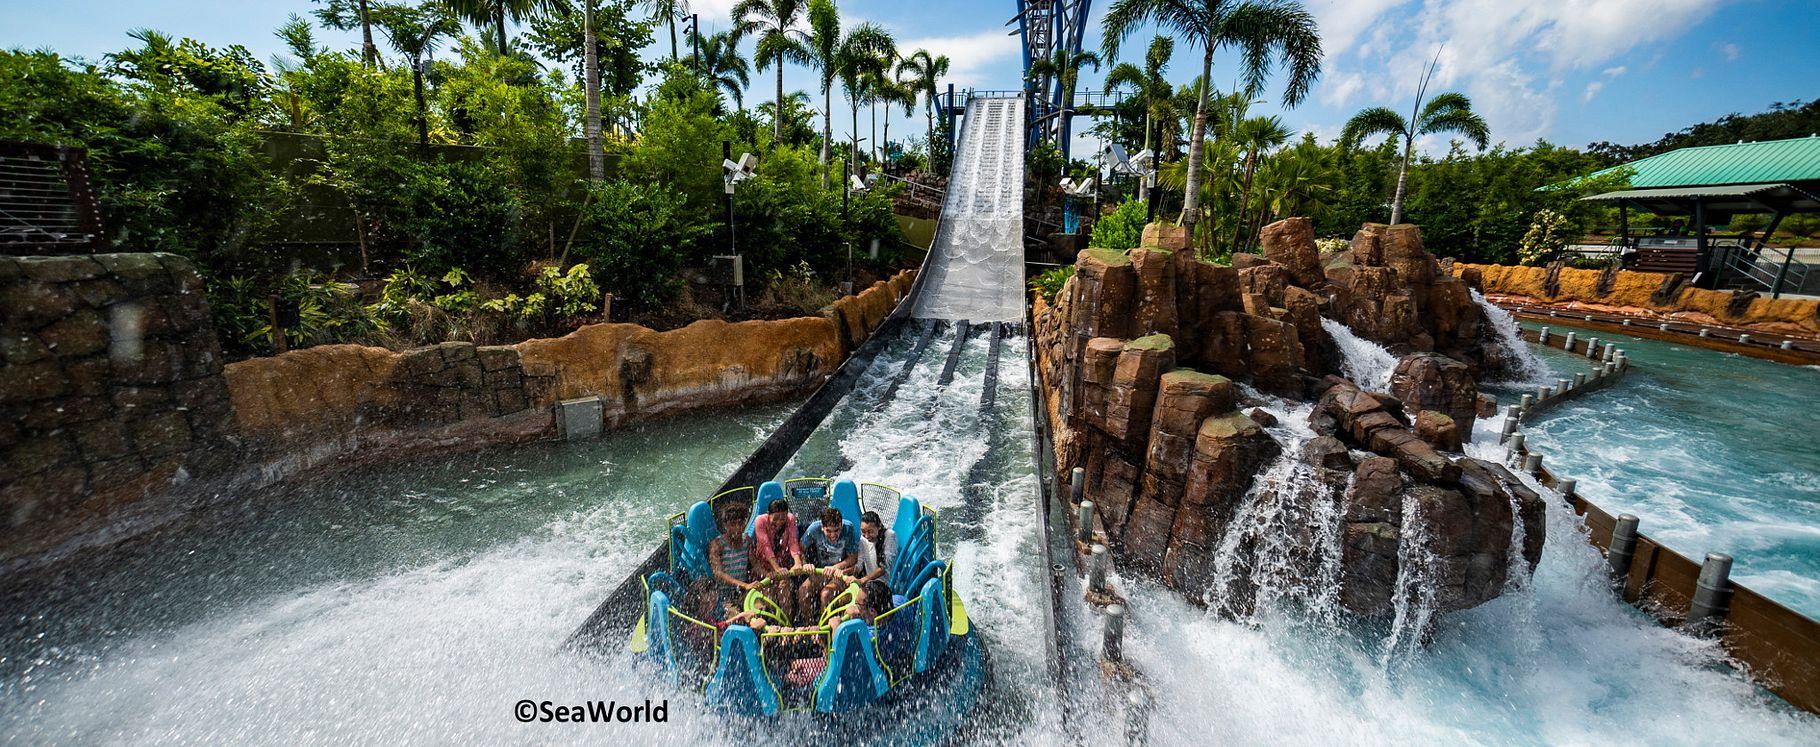 Equitação em família Infinity Falls passeio de água no Seaworld Orlando